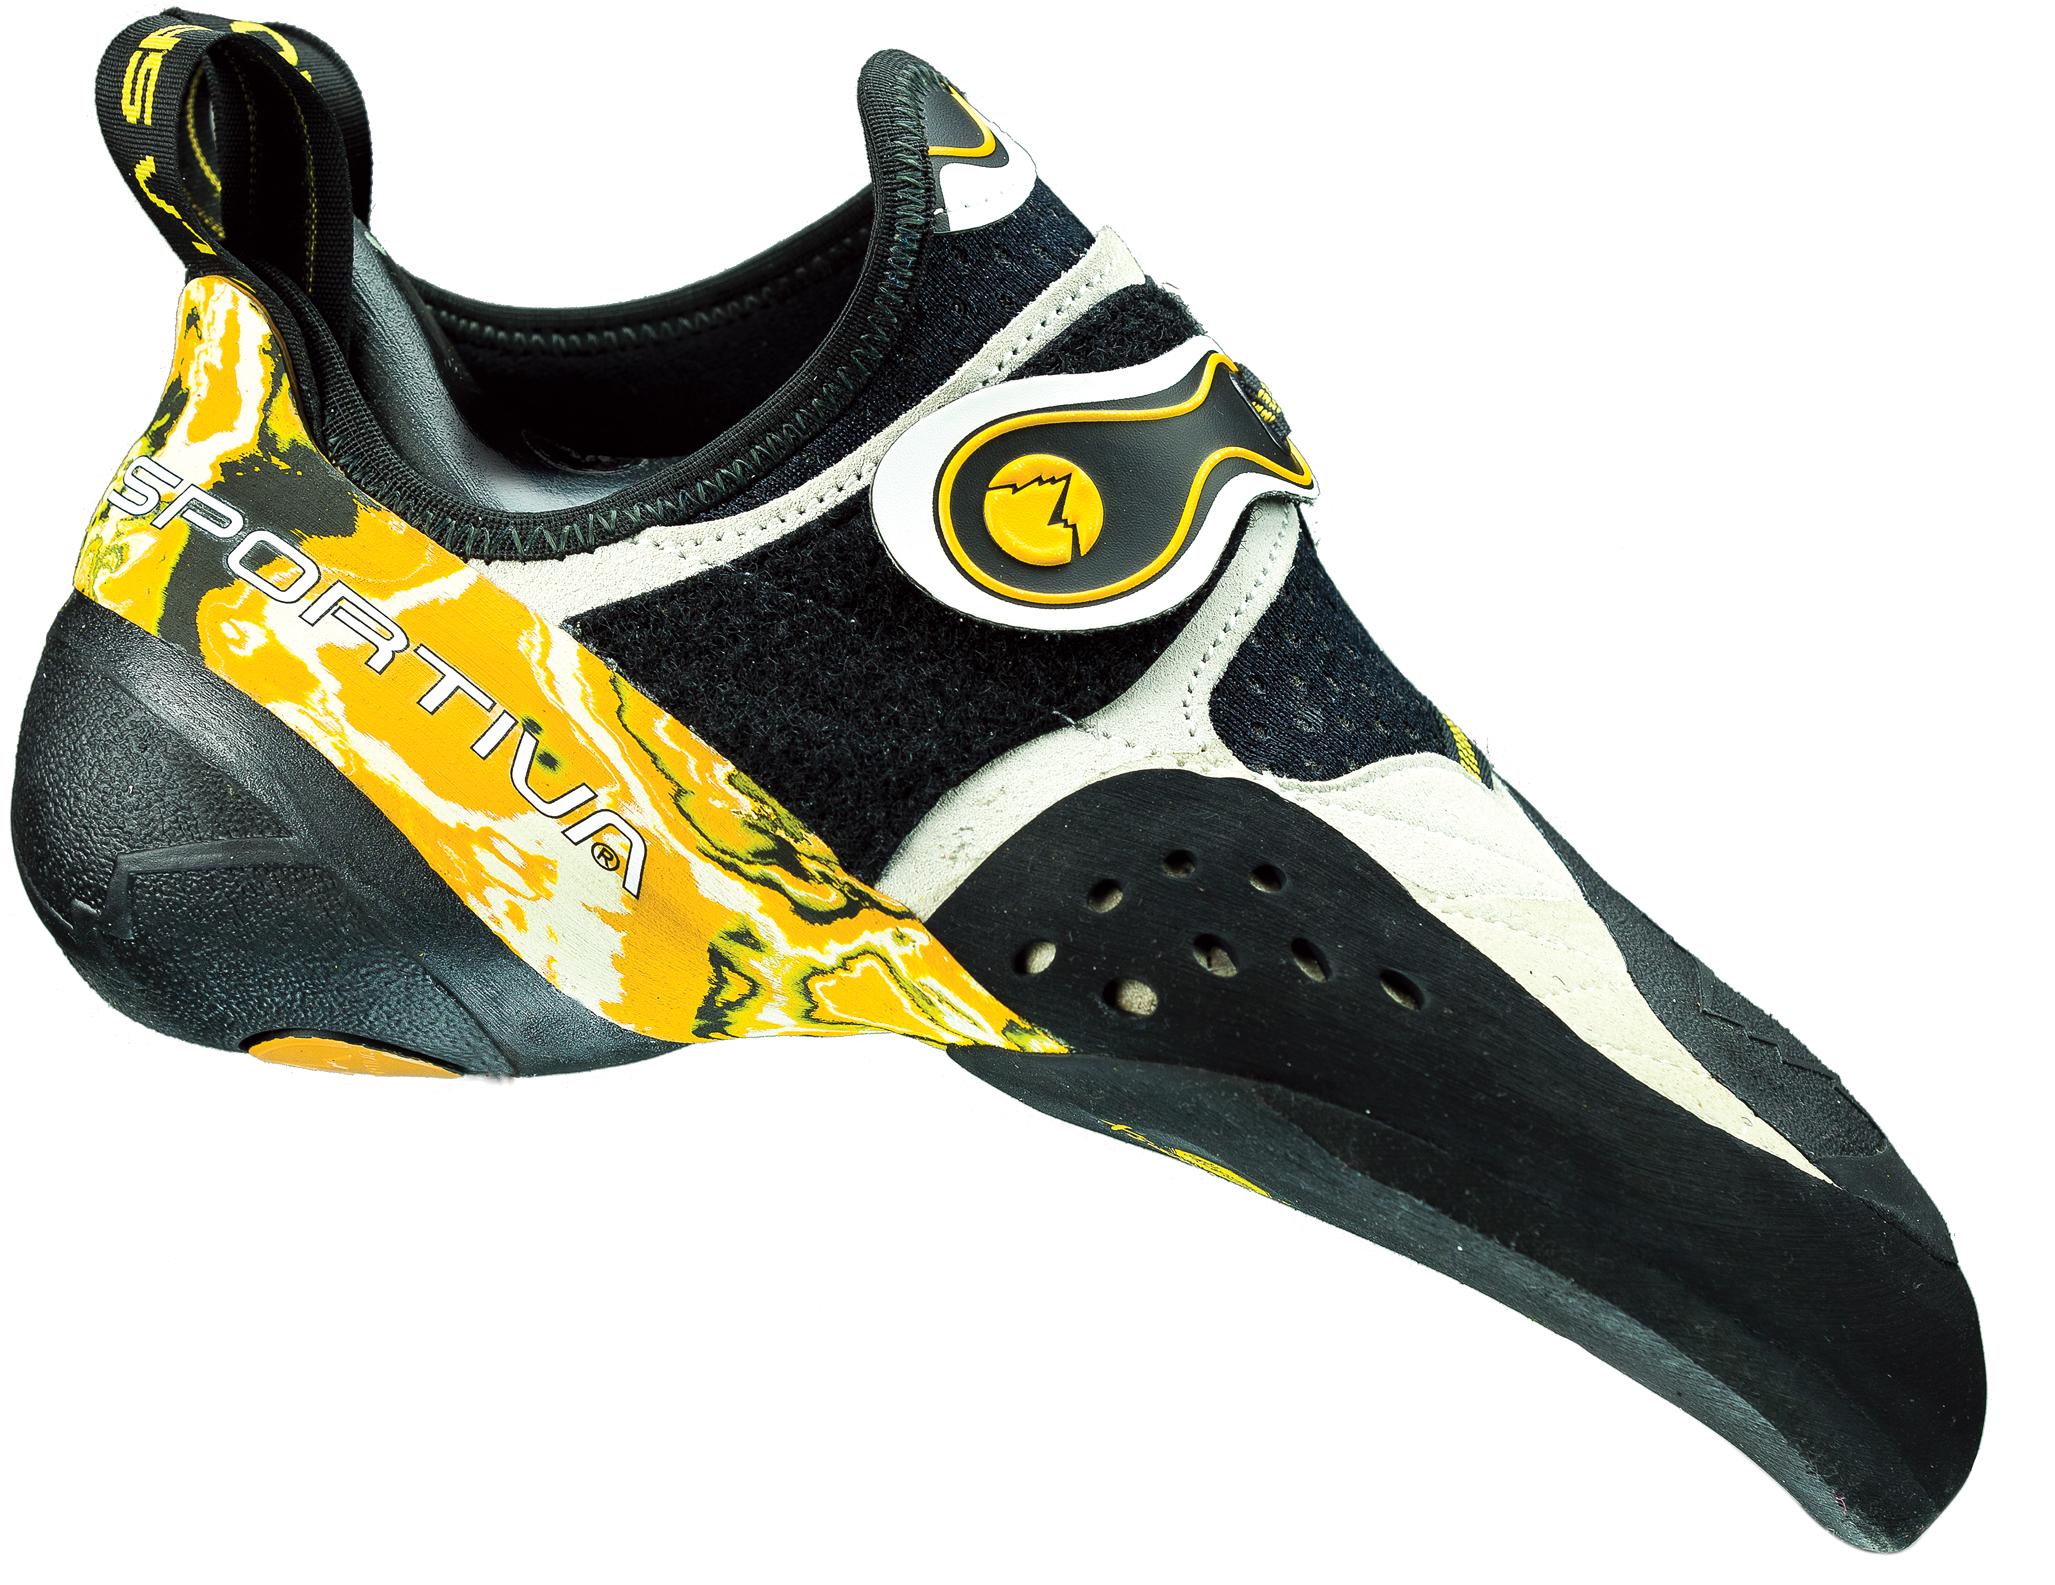 8dc8bb7e50 La Sportiva Solution Rock Shoes - Men s